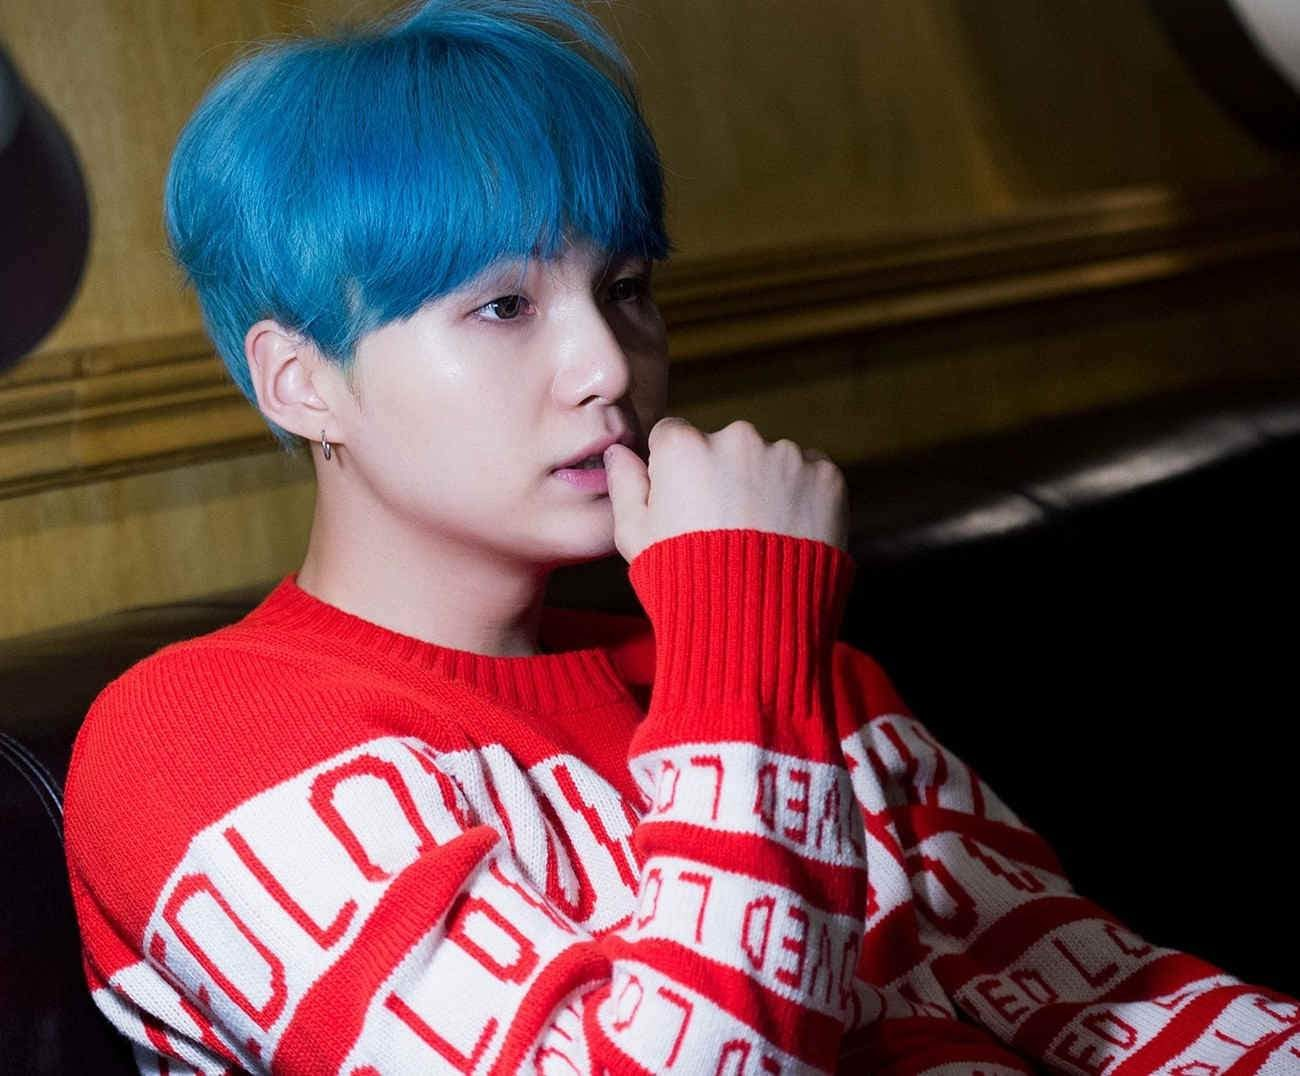 Bts Suga Blue hair